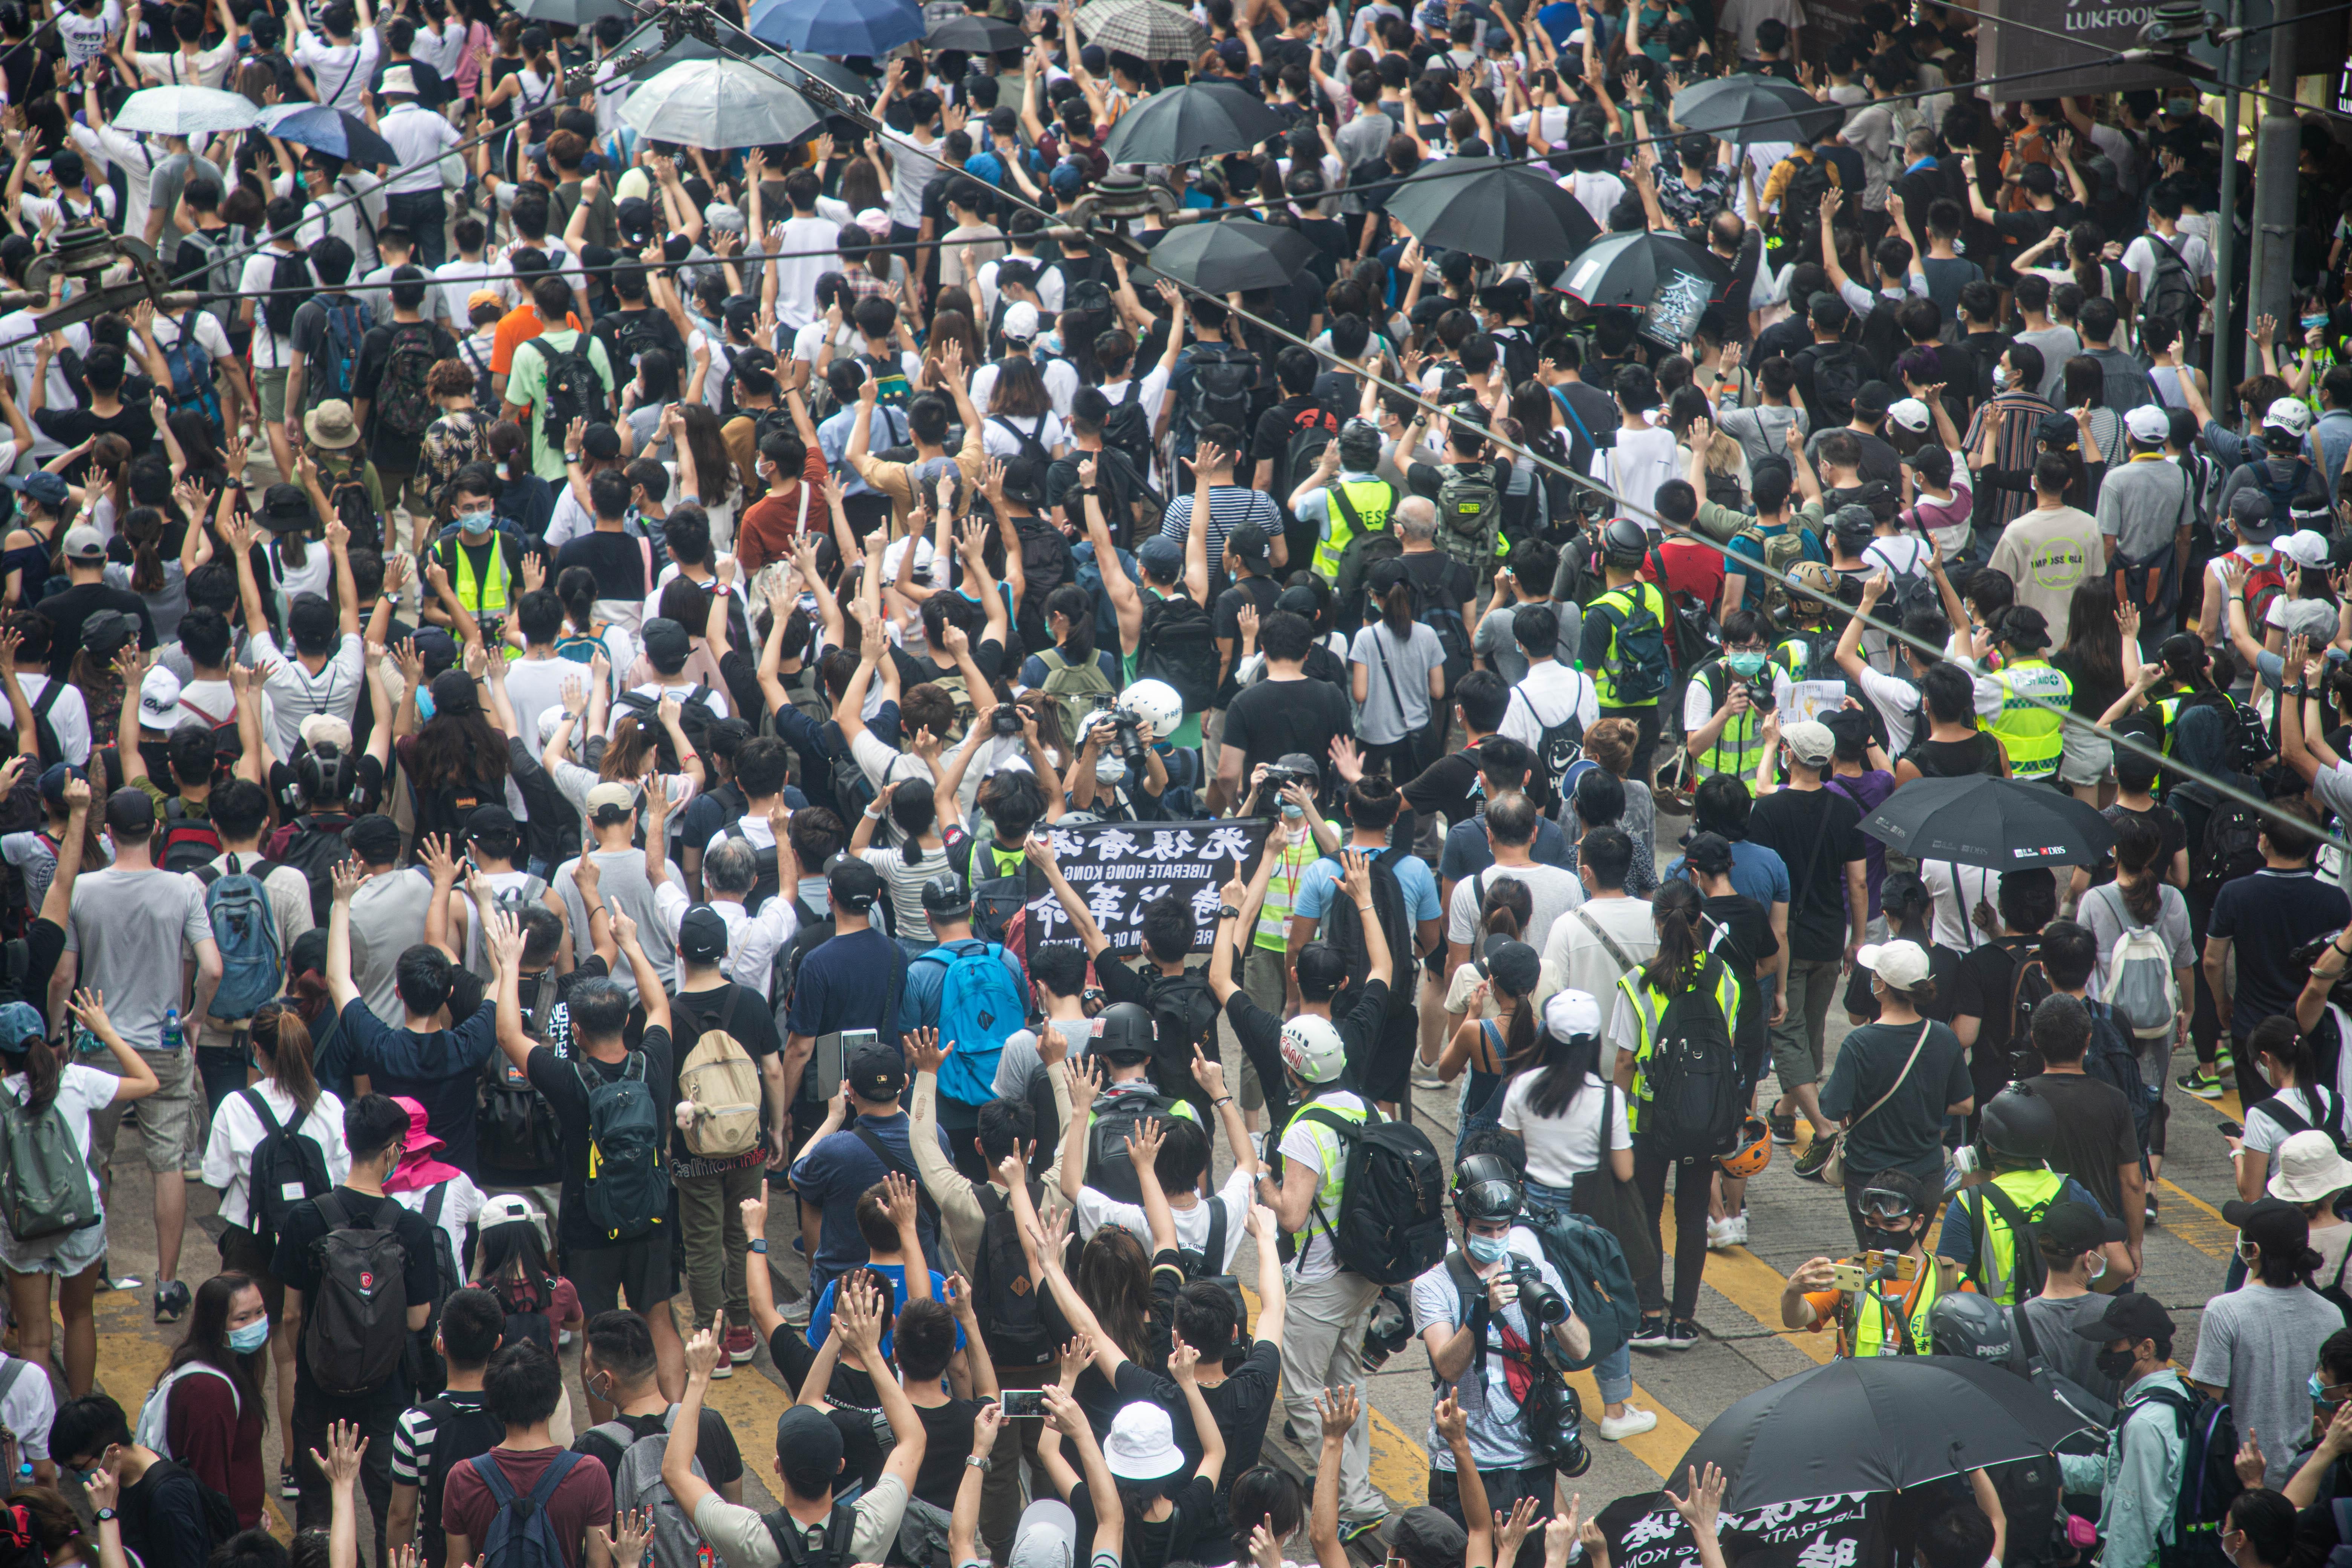 Décoloniser Alain Brossat: Hong Kong et l'anti-impérialisme de façade